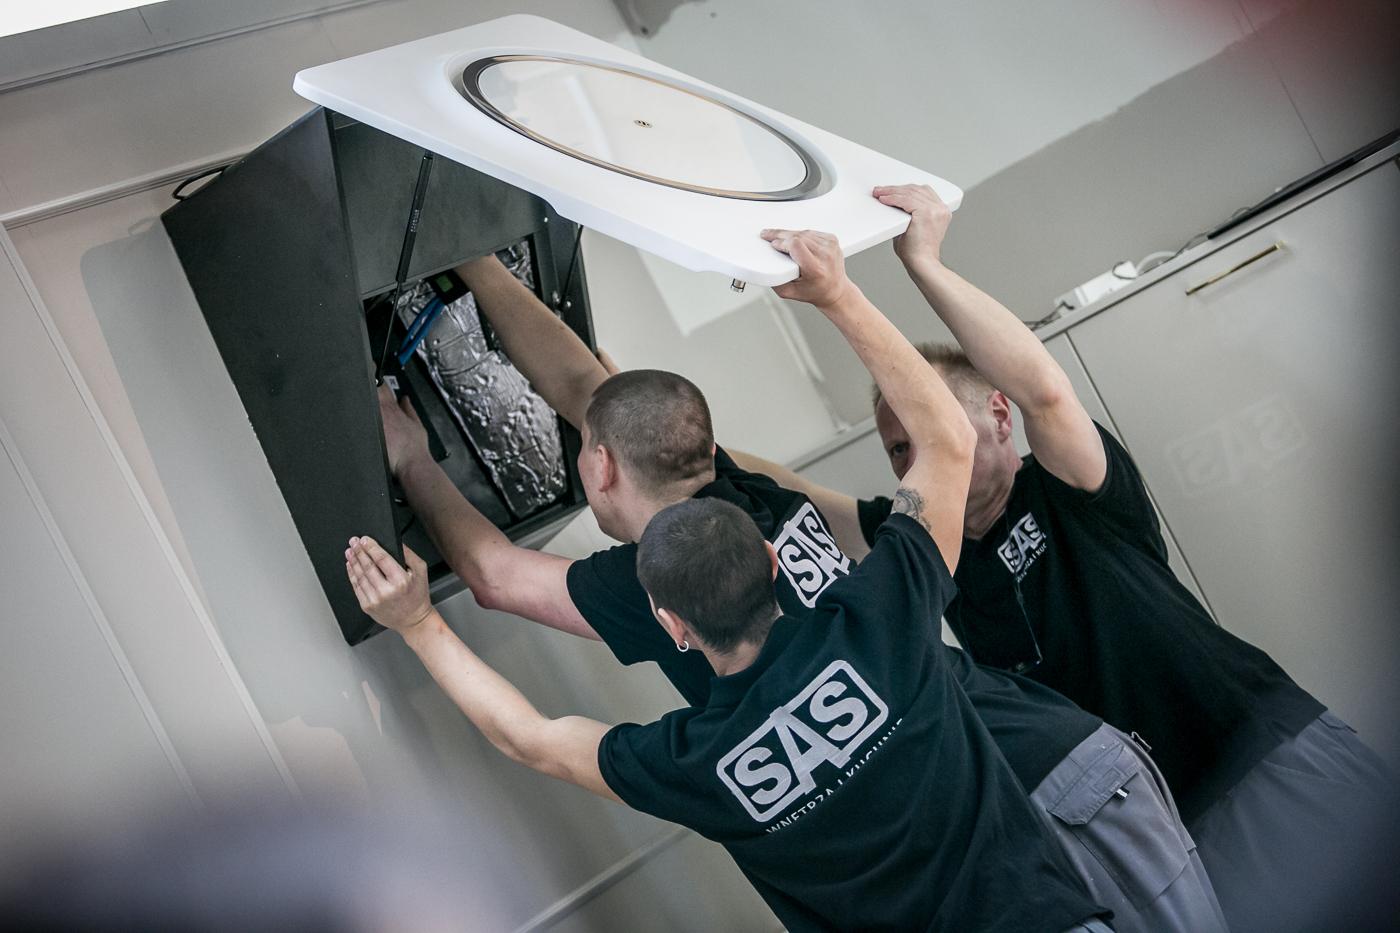 Montaż pochłaniacza zapachów - kuchnie w ofercie SAS Wnętrza i Kuchnie